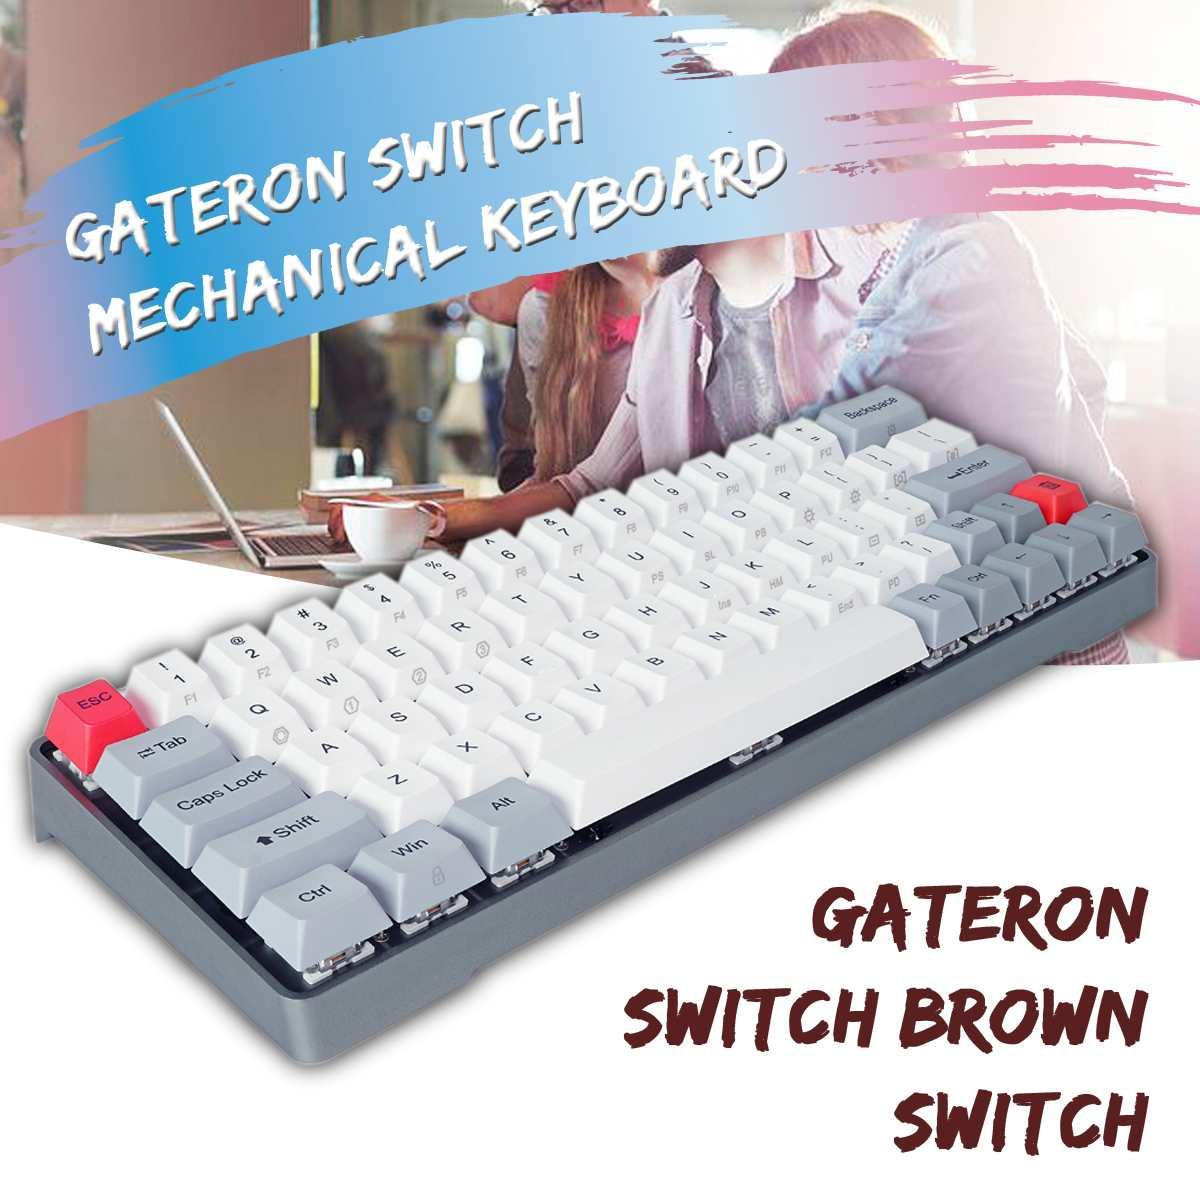 GK64 boîtier en alliage d'aluminium PBT Keycaps Gateron commutateur chaud permutable clavier mécanique de jeu rvb pour-Mac OS Windows